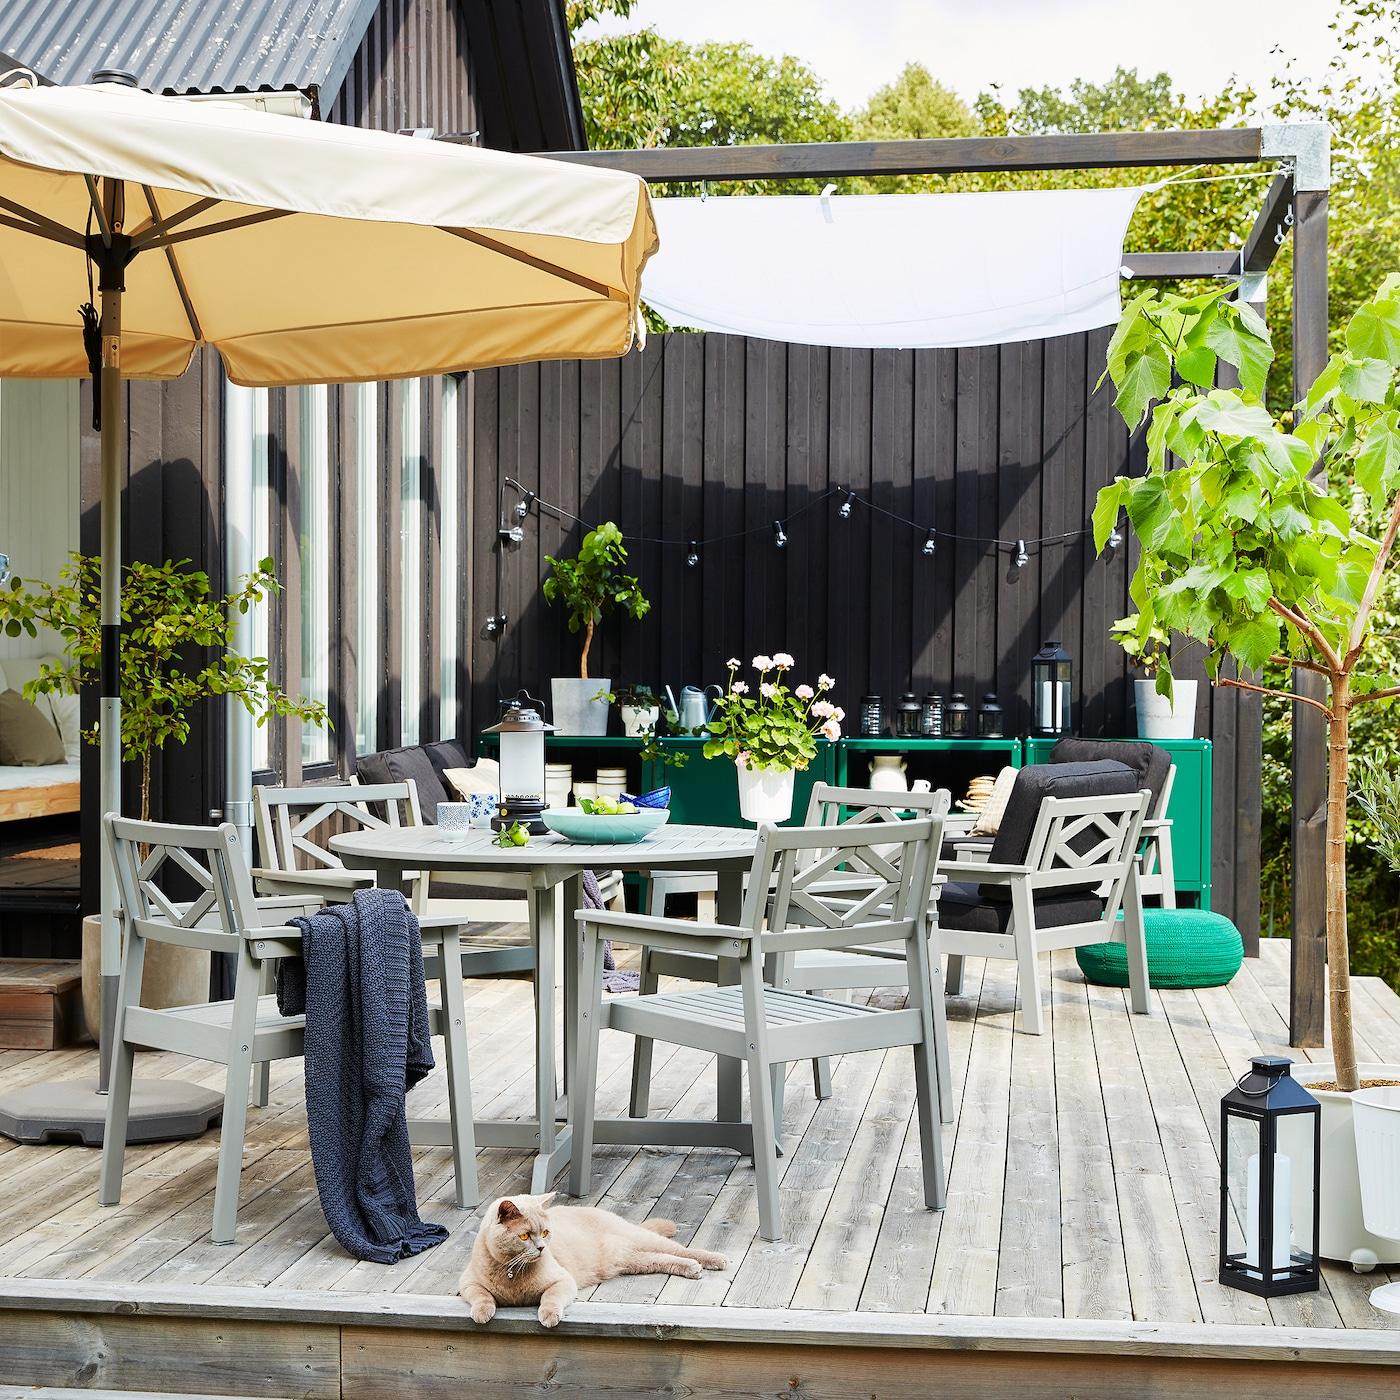 木质平台上的户外空间内摆放着带米色阳伞、灰色户外家具、绿色树木,还有一只灰色/橙色的猫。